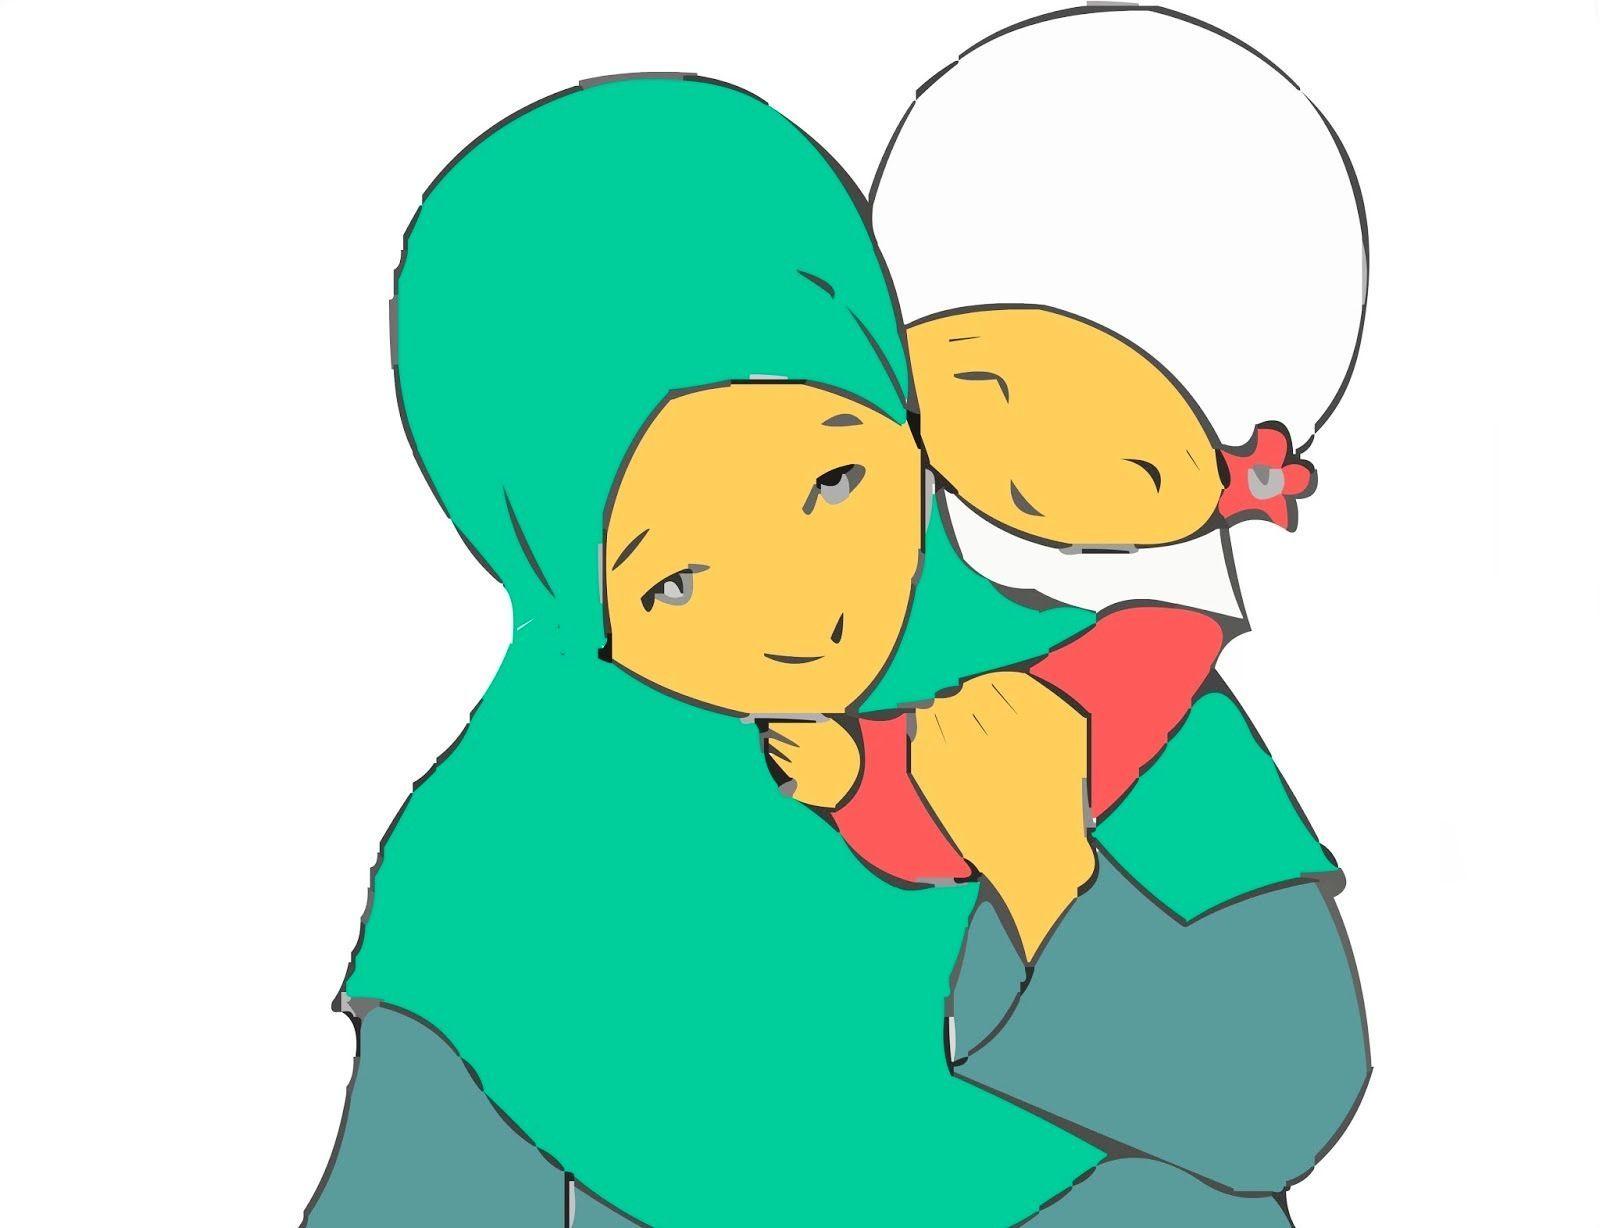 Unduh 100 Gambar Animasi Ibu Dan Anak Keren Gratis